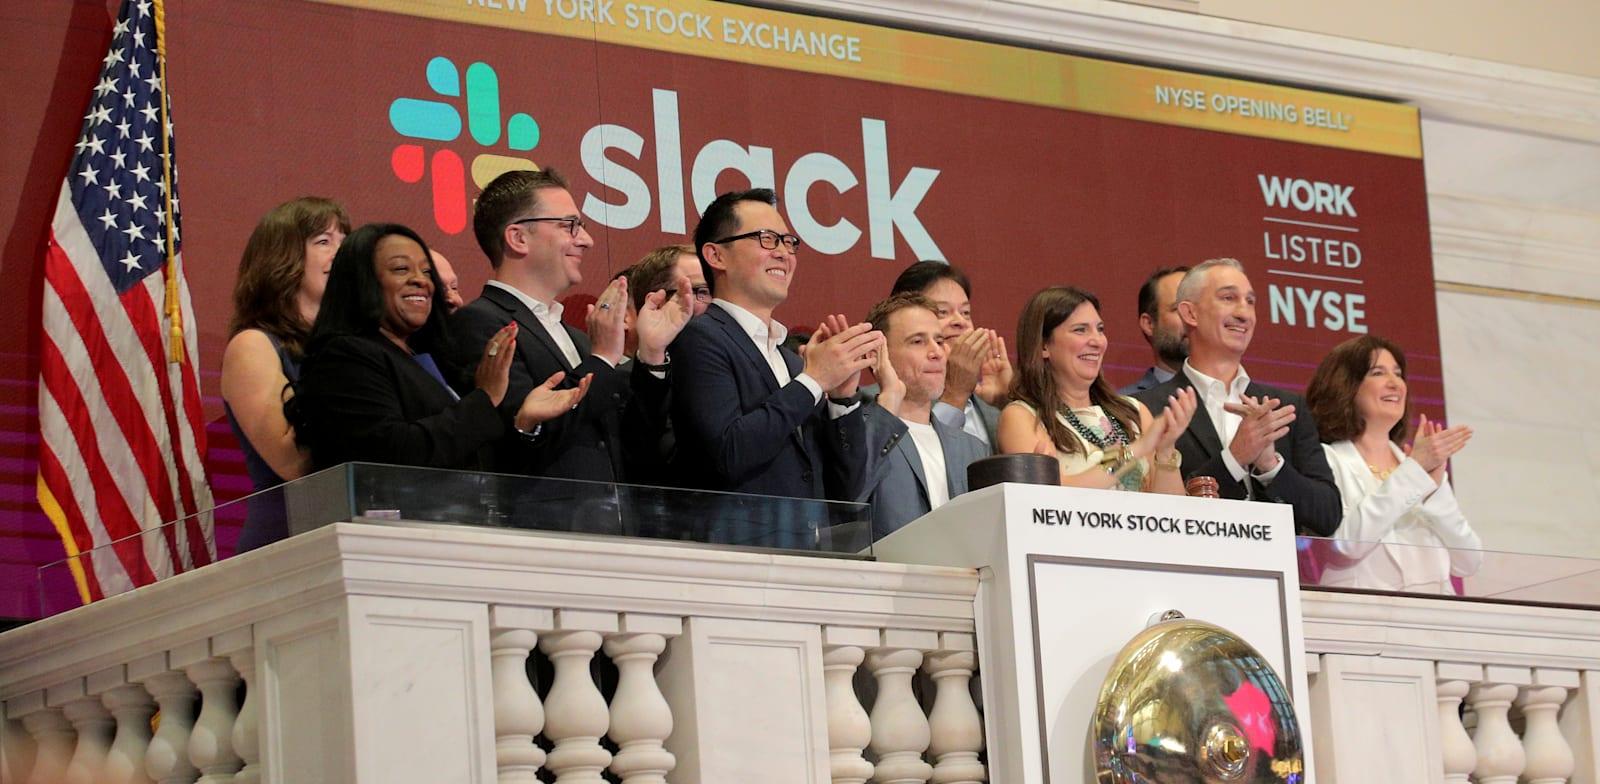 מנהלי חברת סלאק, בתחילת המסחר במניית החברה, יוני 2019 / צילום: Reuters, Brendan McDermid